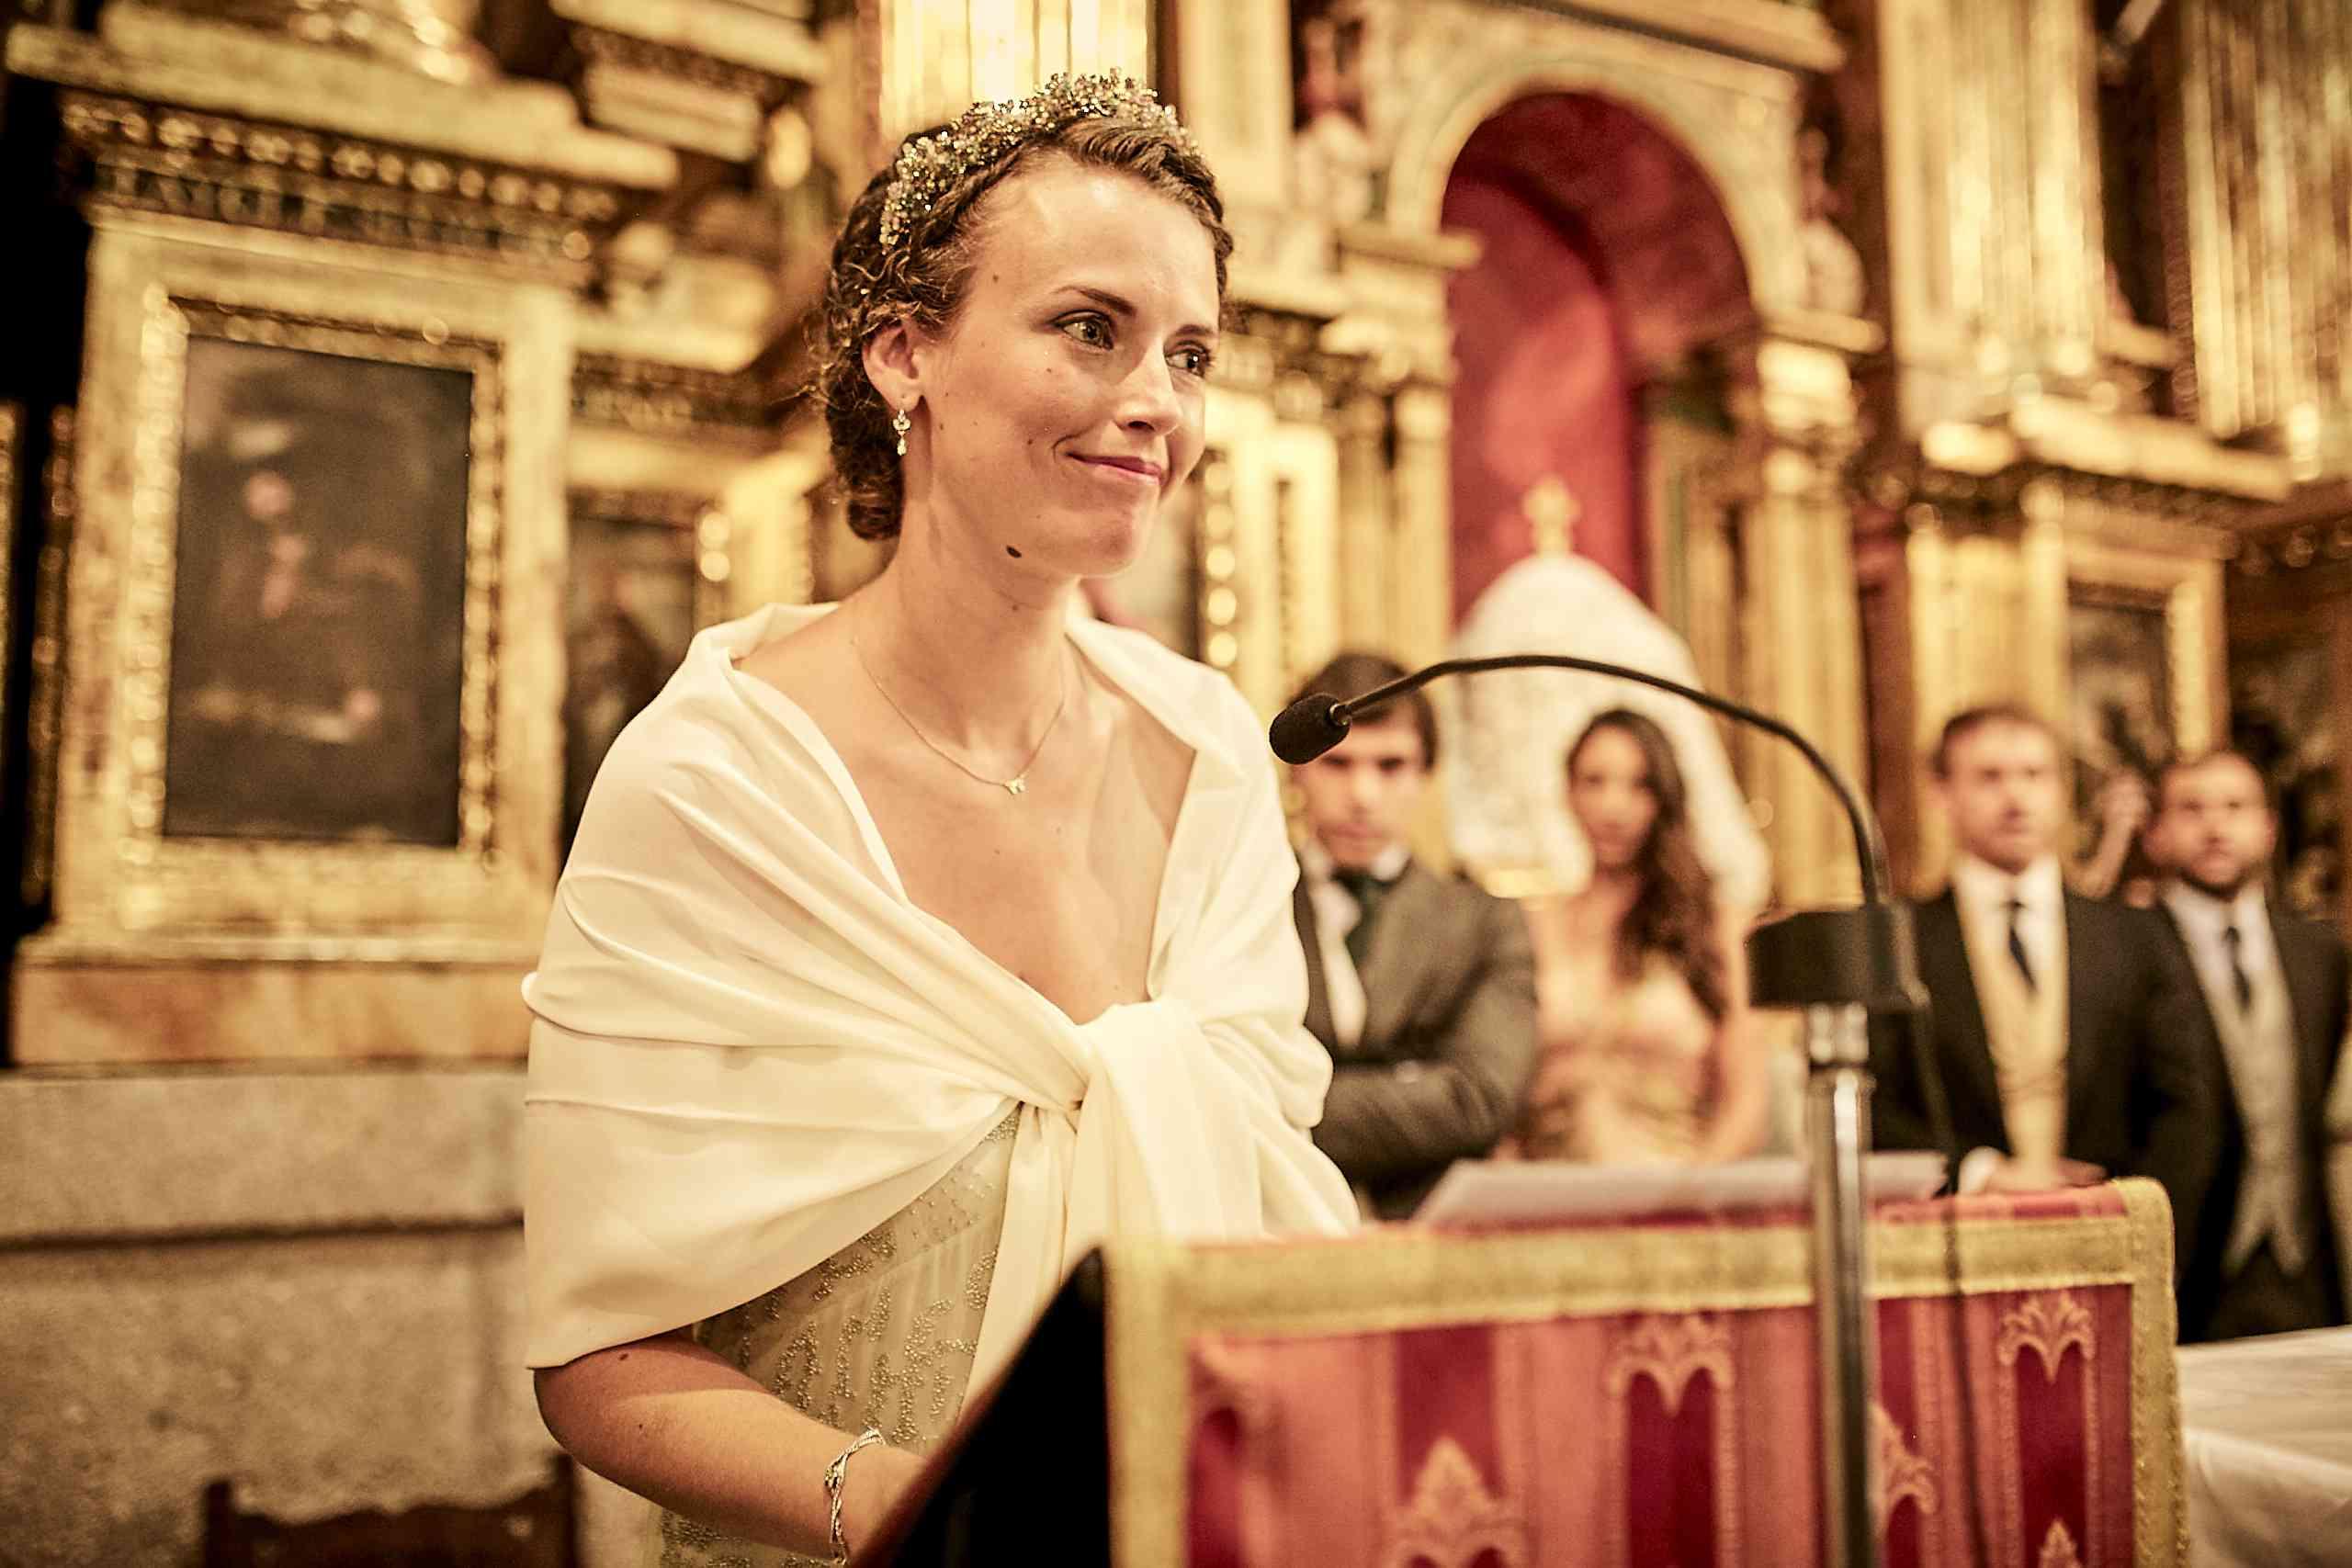 Catholic nuptial mass reading